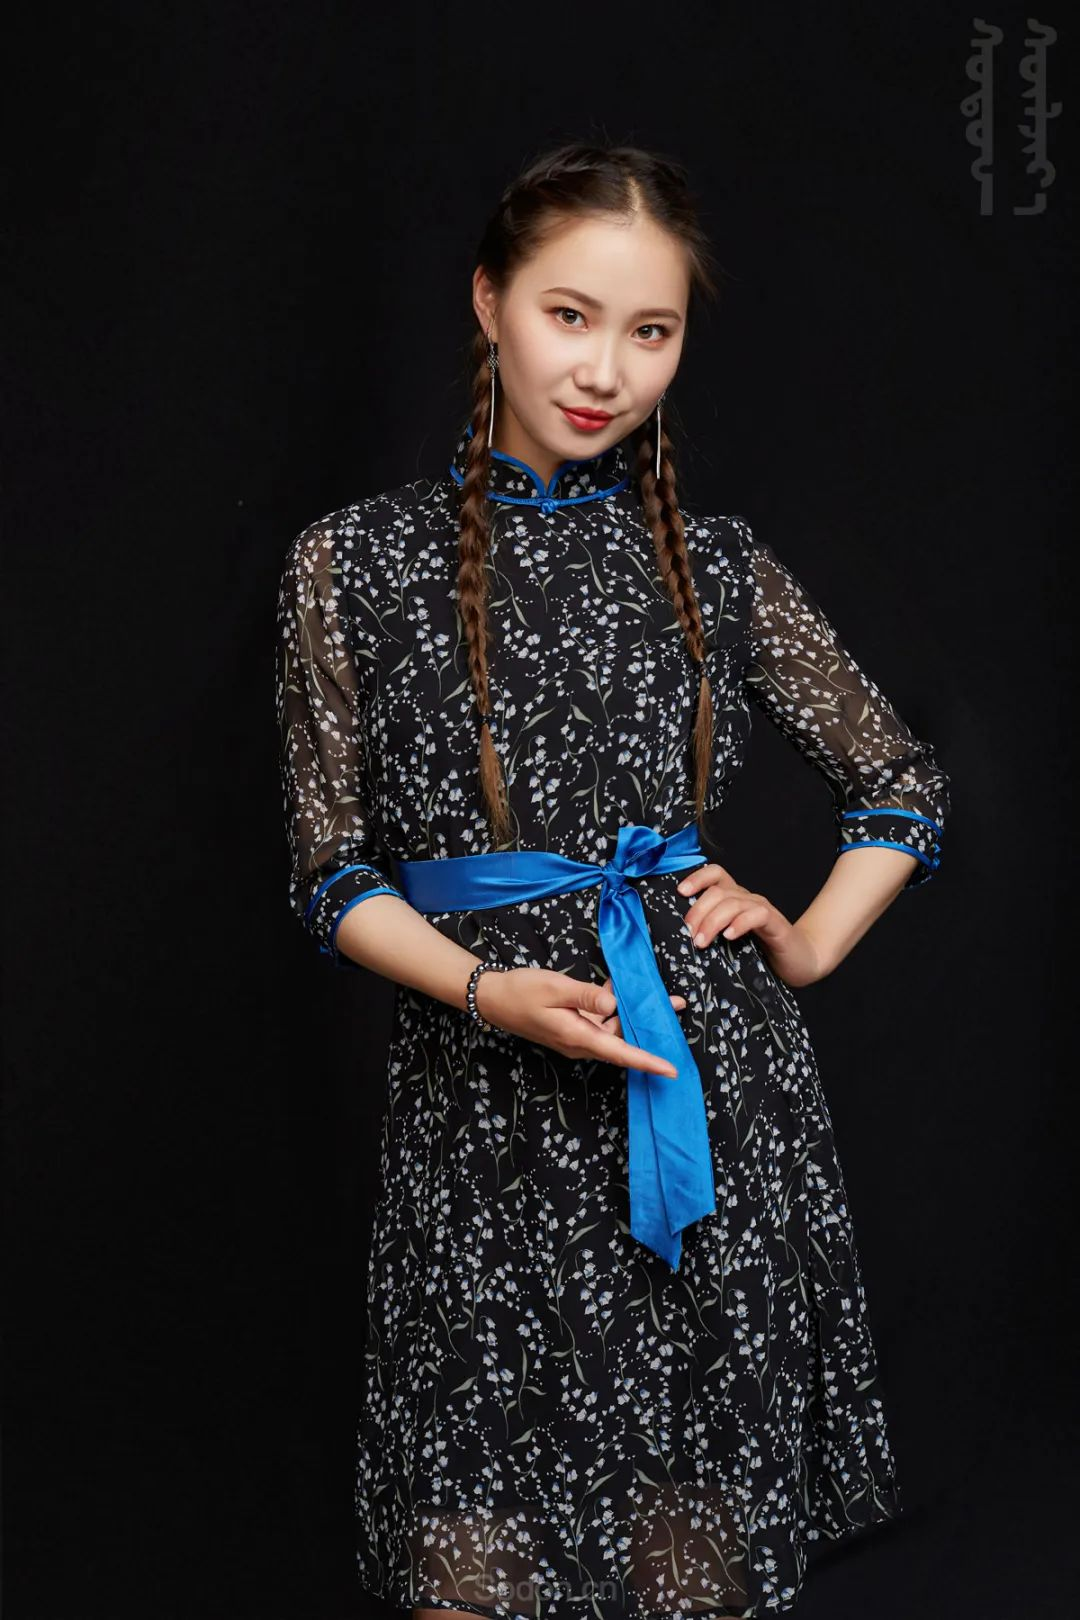 DOMOG蒙古时装2020新款夏季连衣裙首发,618钜惠七折! 第8张